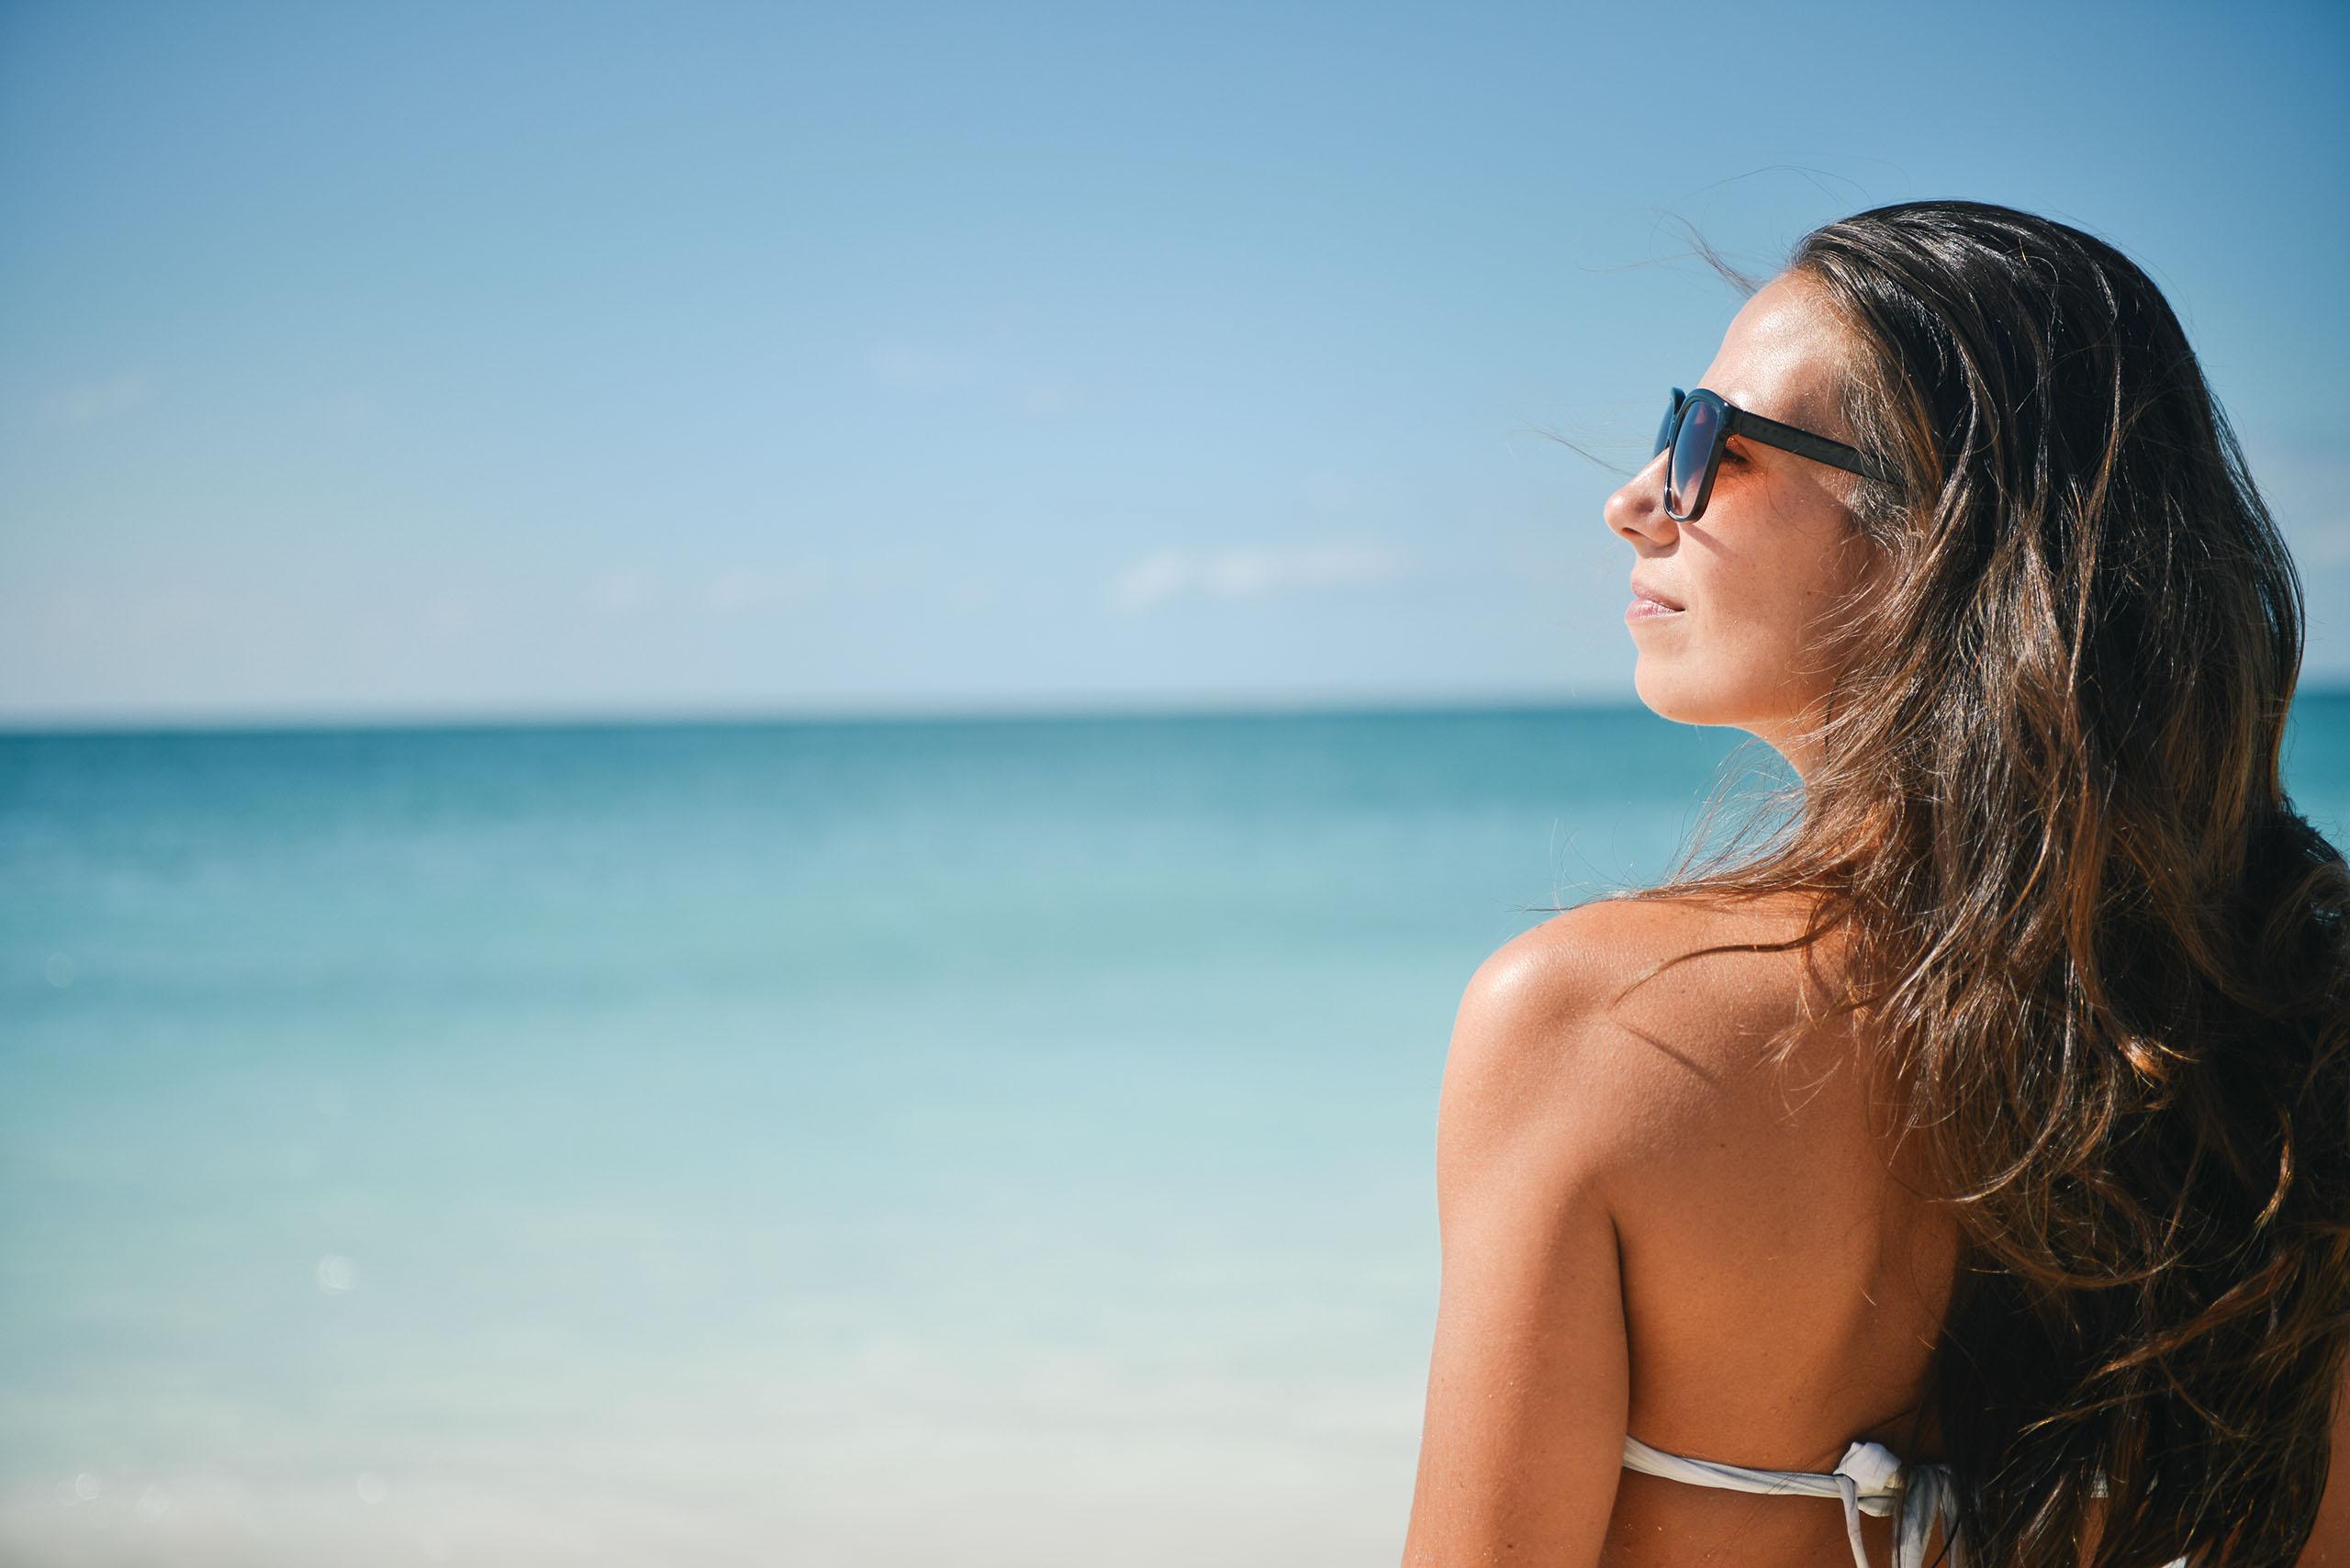 women on sunny beach